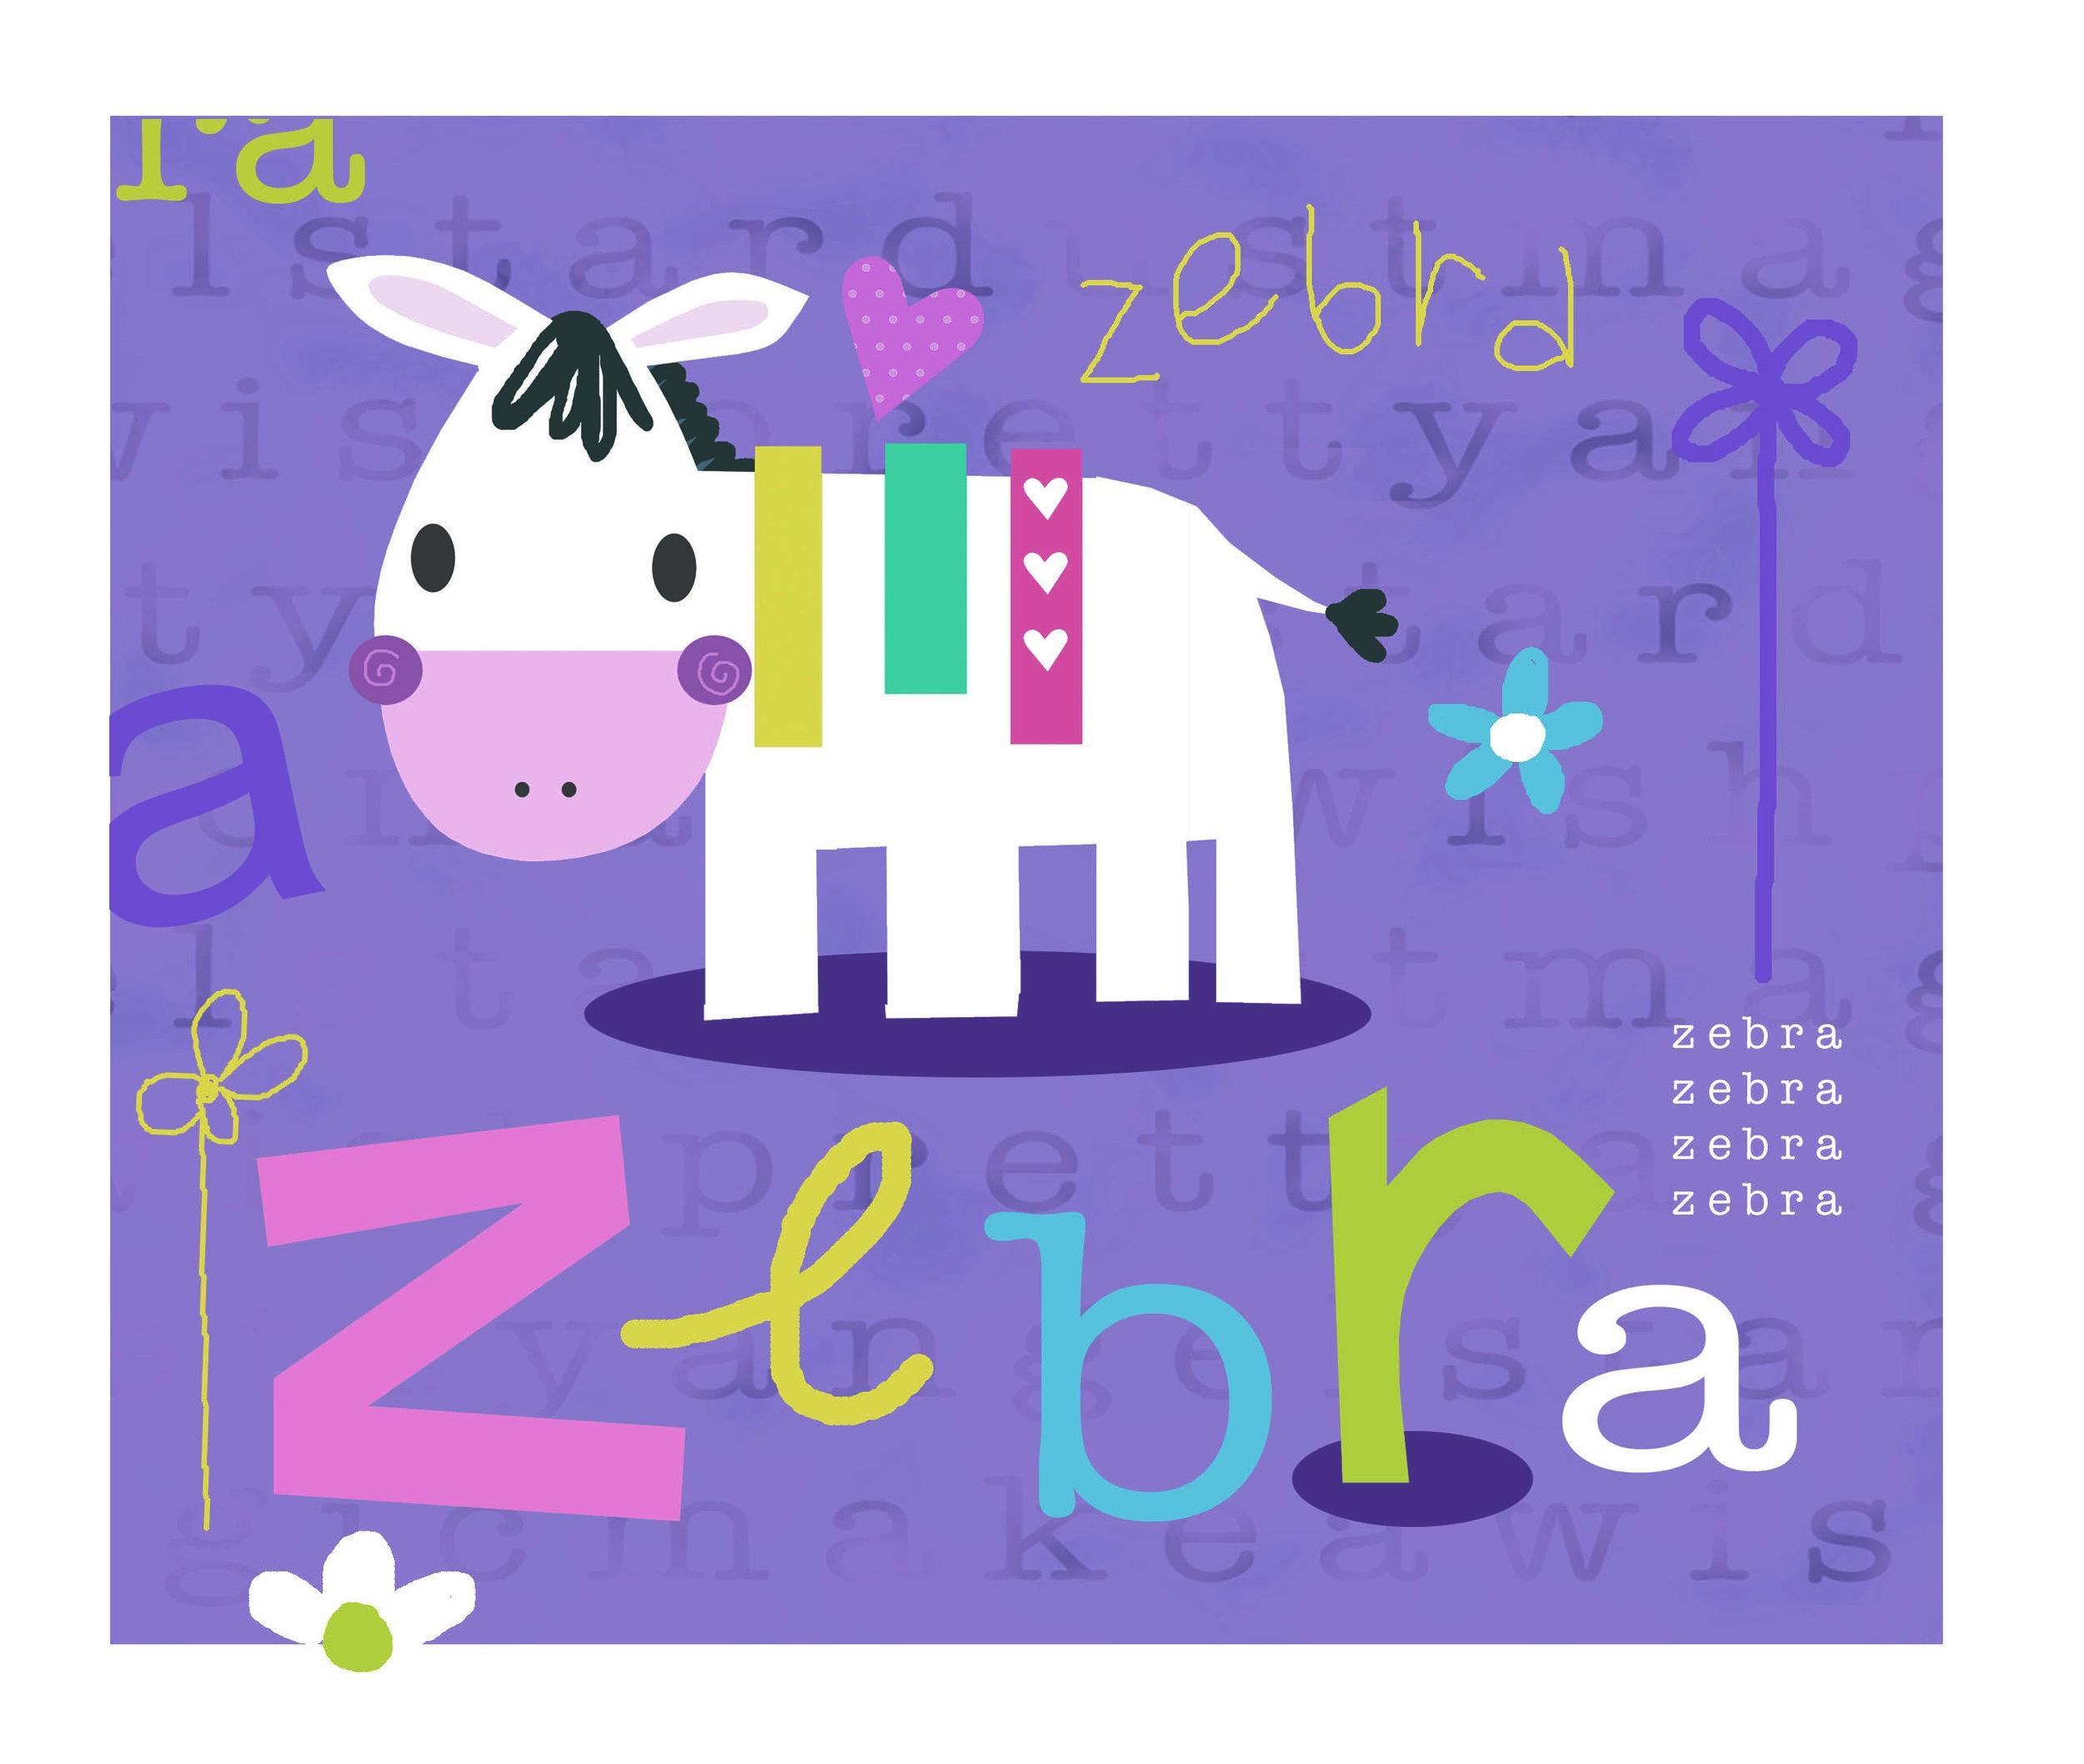 pa nd p zebra.jpg